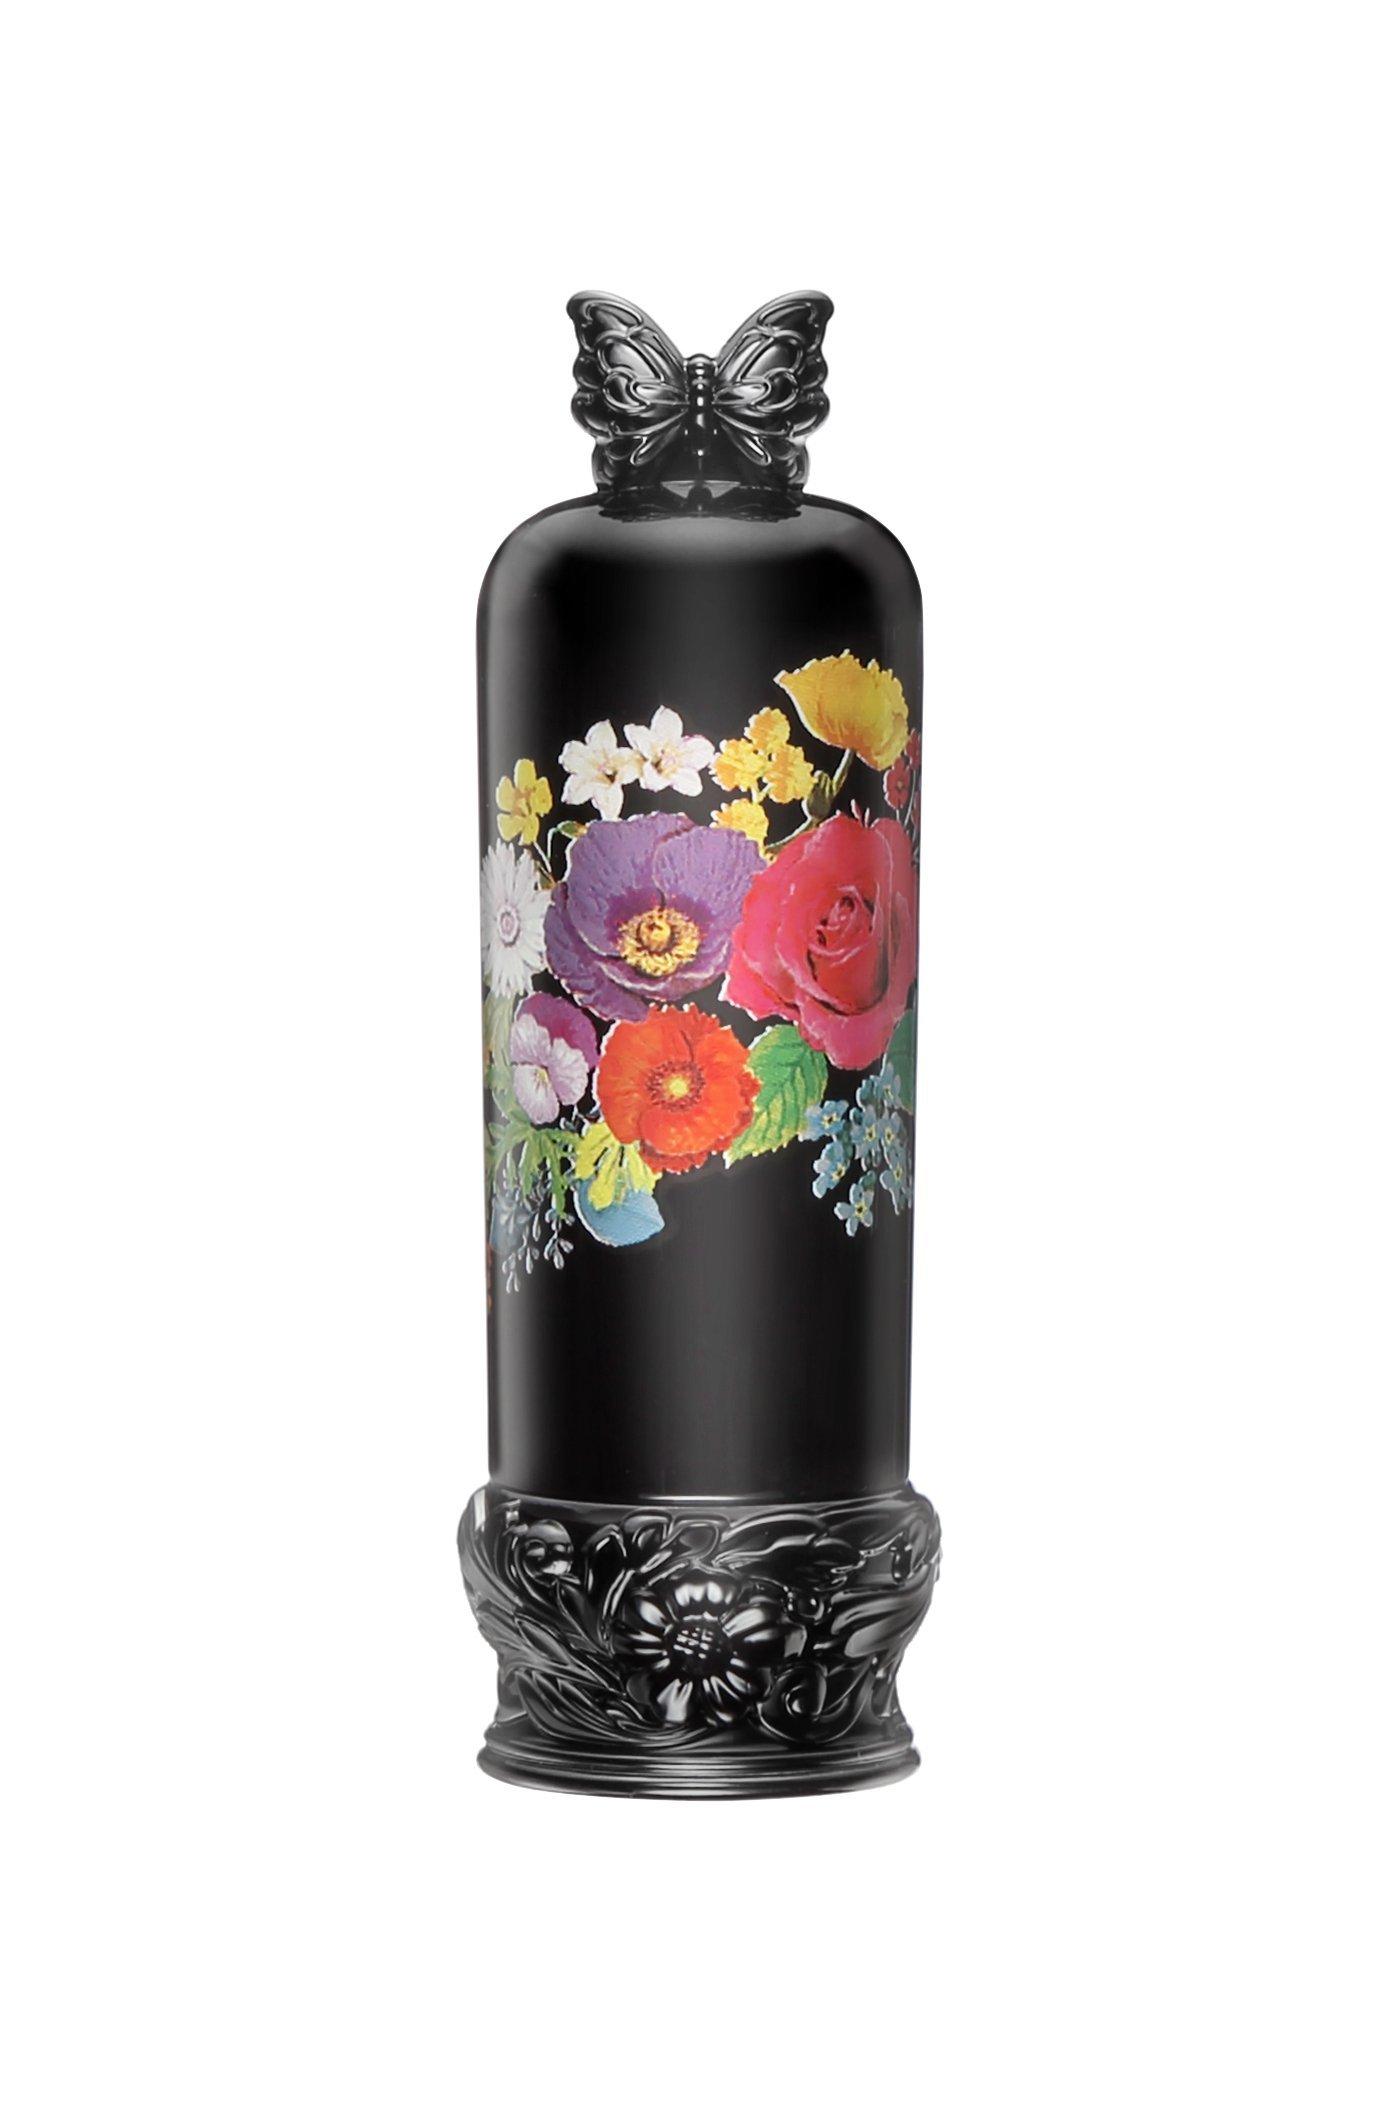 Lipstick: Sheer Flower $30